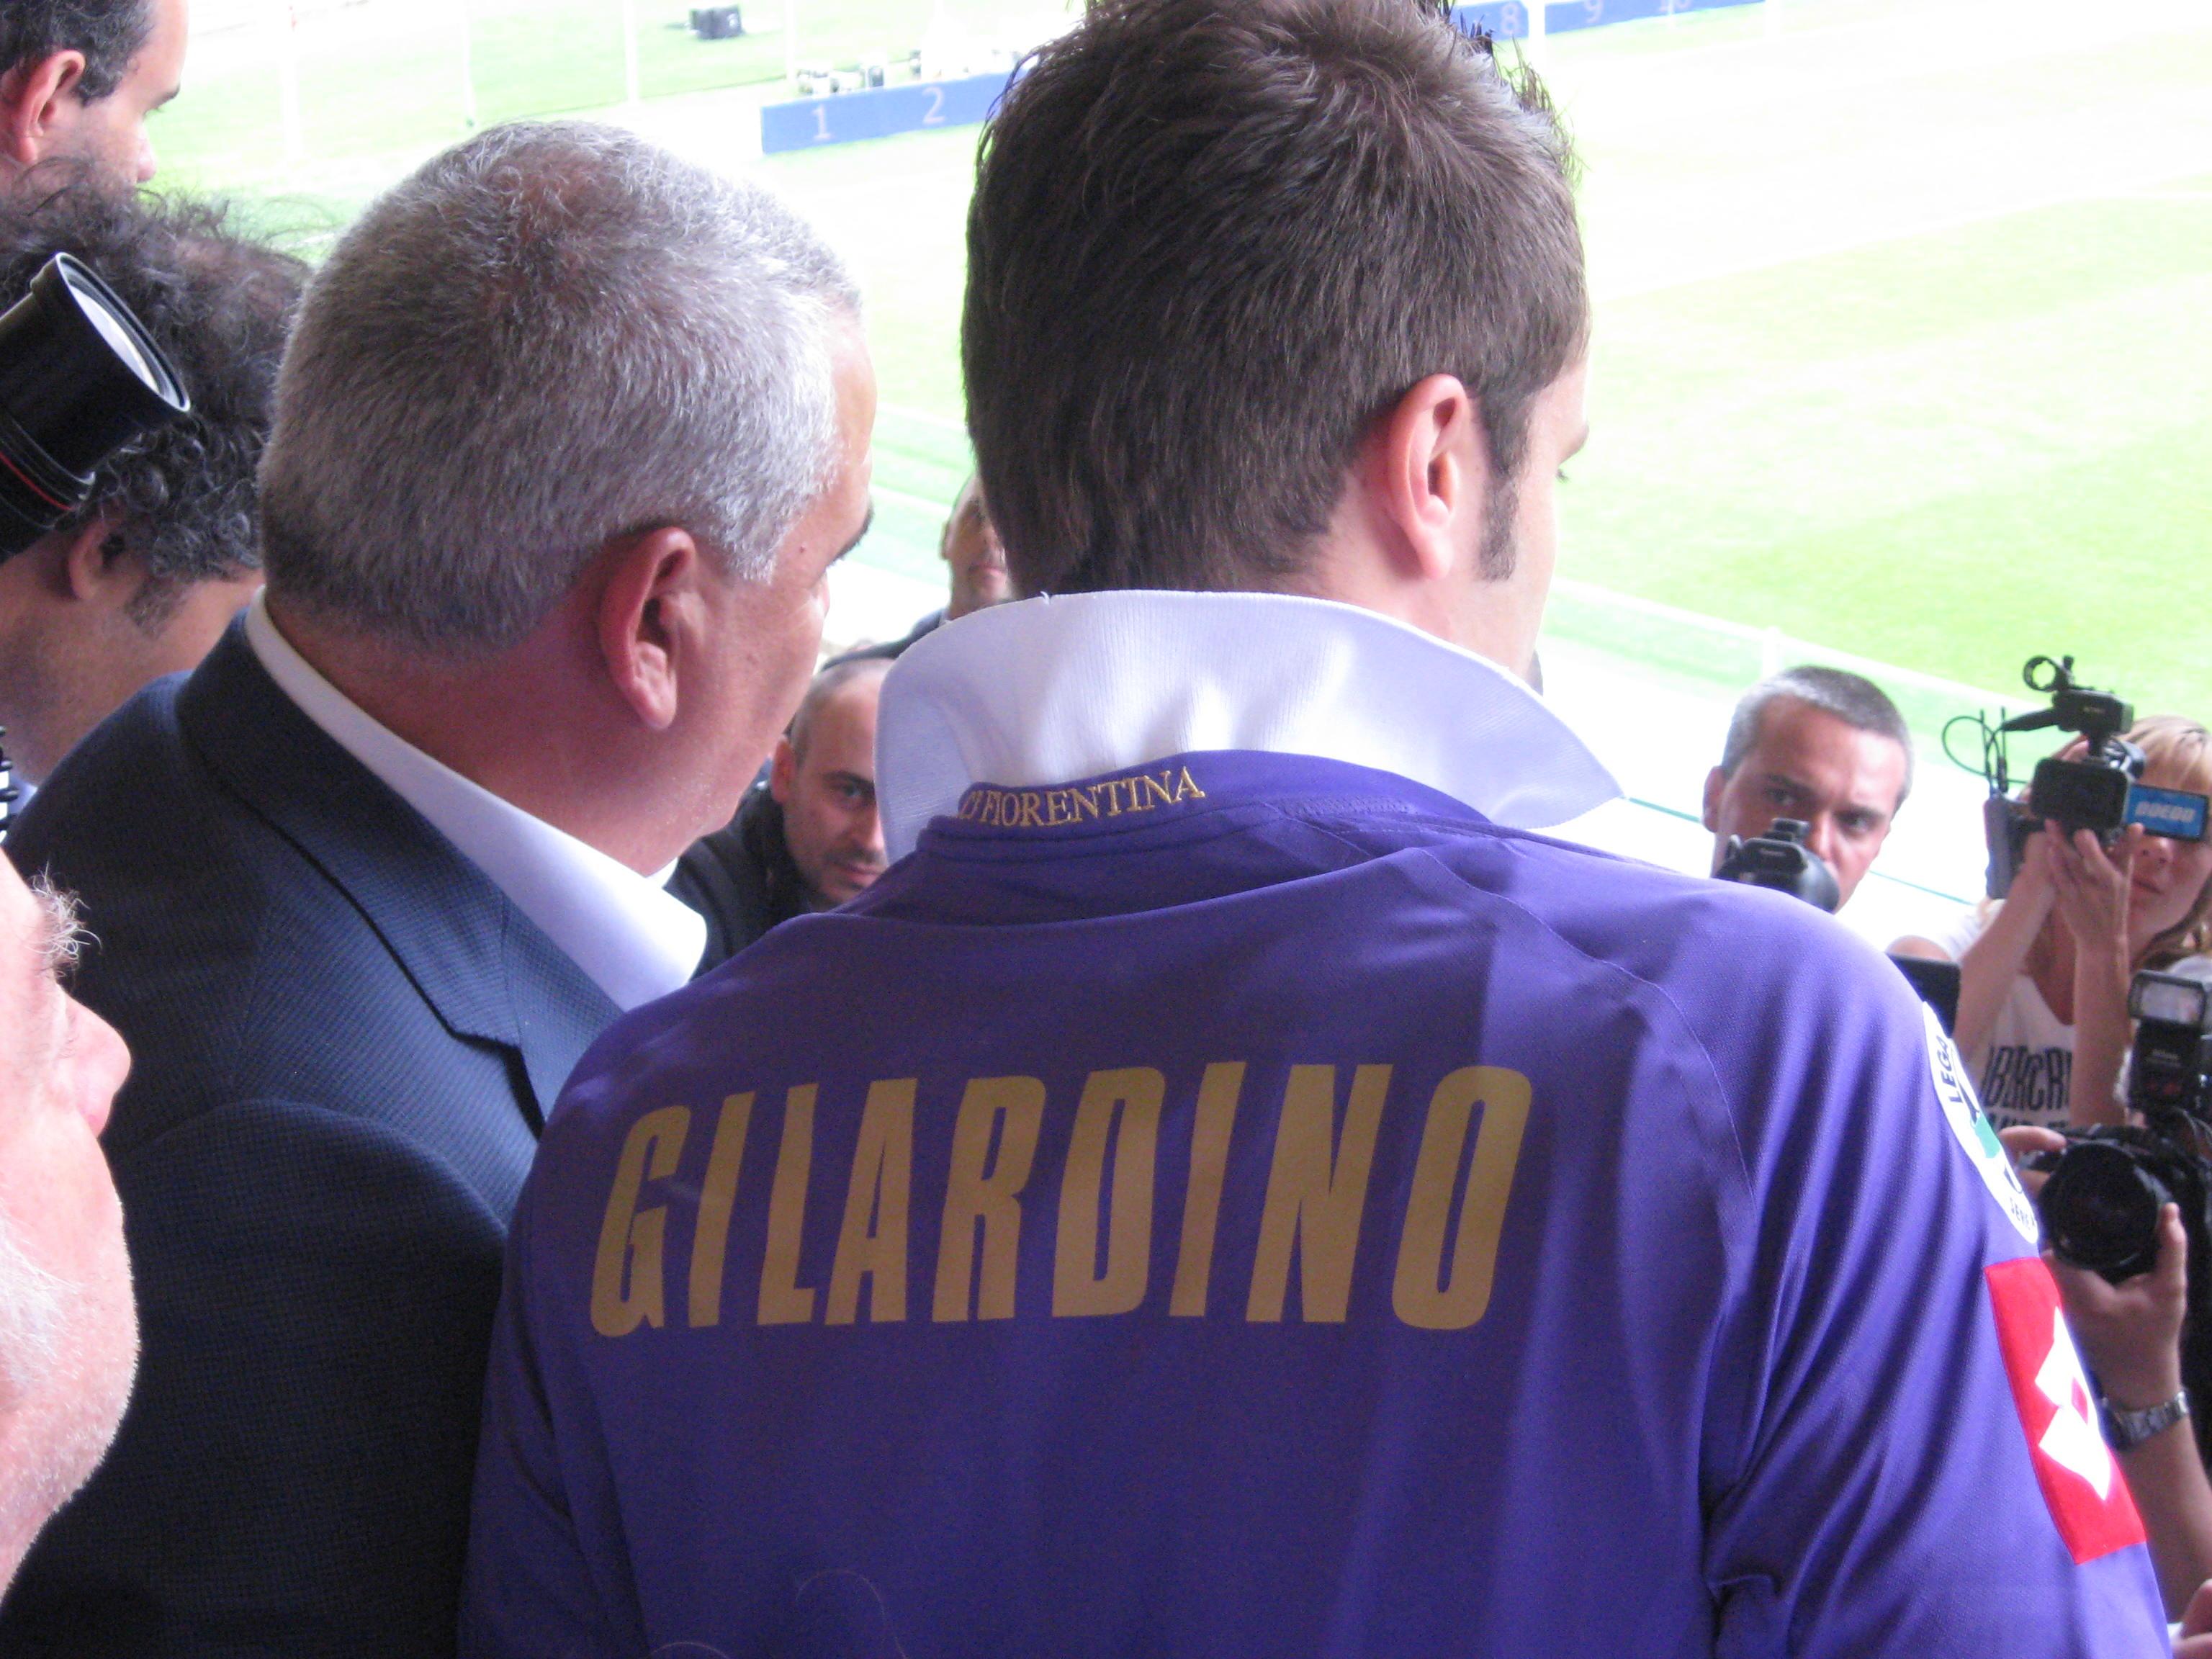 Gilardino, attaccante della Fiorentina